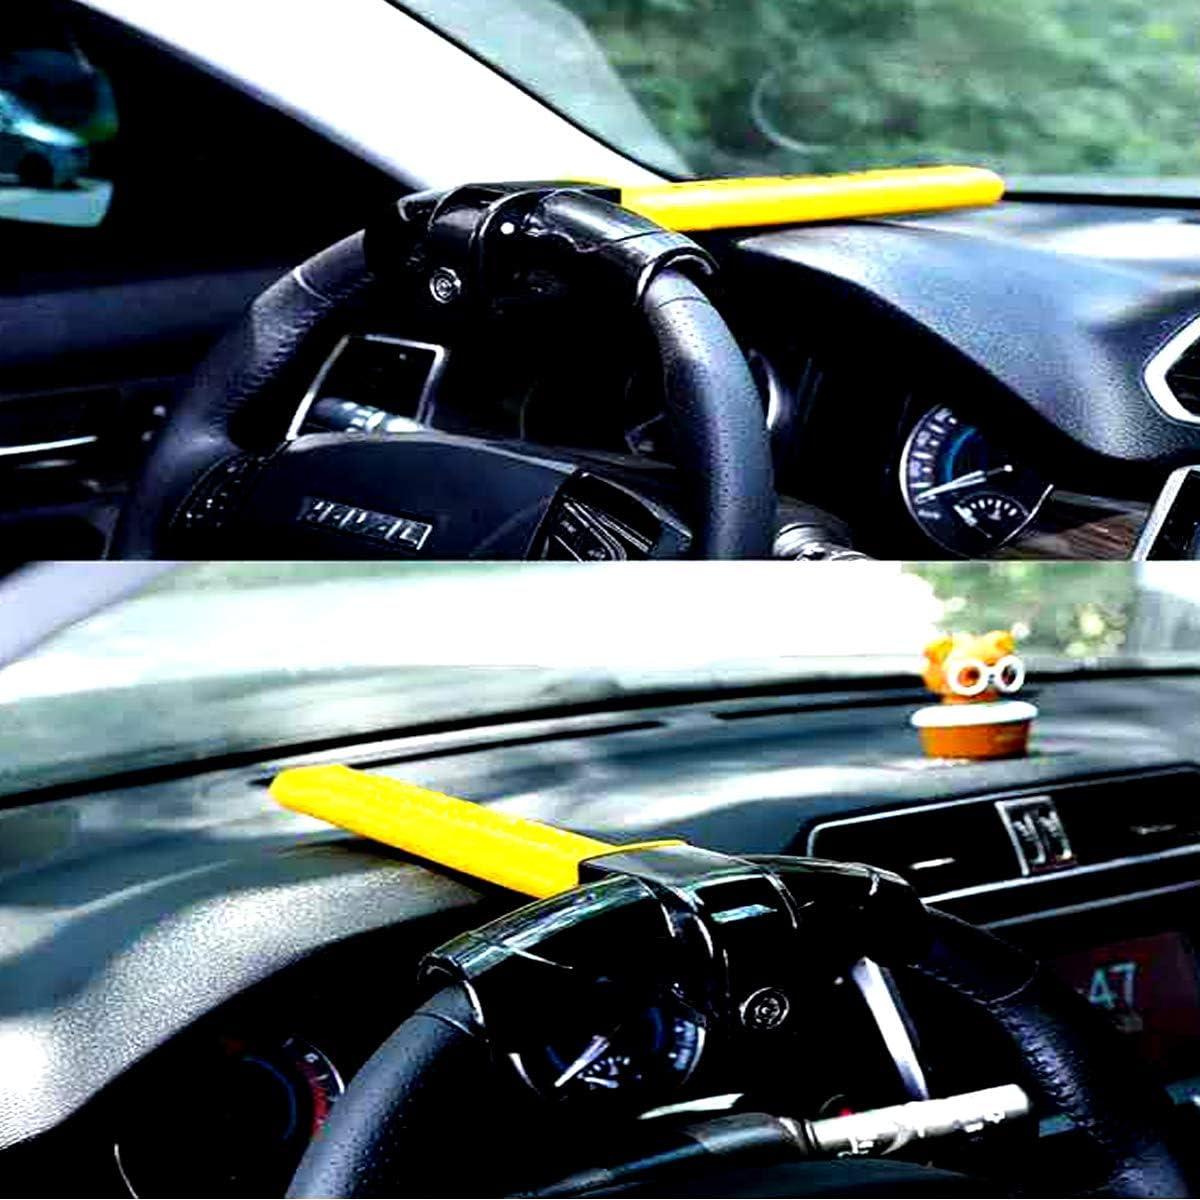 Caravans Vans Universal Steering Wheel Lock,steering wheel lock for cars,Heavy Duty Antitheft Locking Devices,T-Bar Steering Wheel Lock with 2 Keys,Universal Steering Wheel Clamp for Cars,Trailer